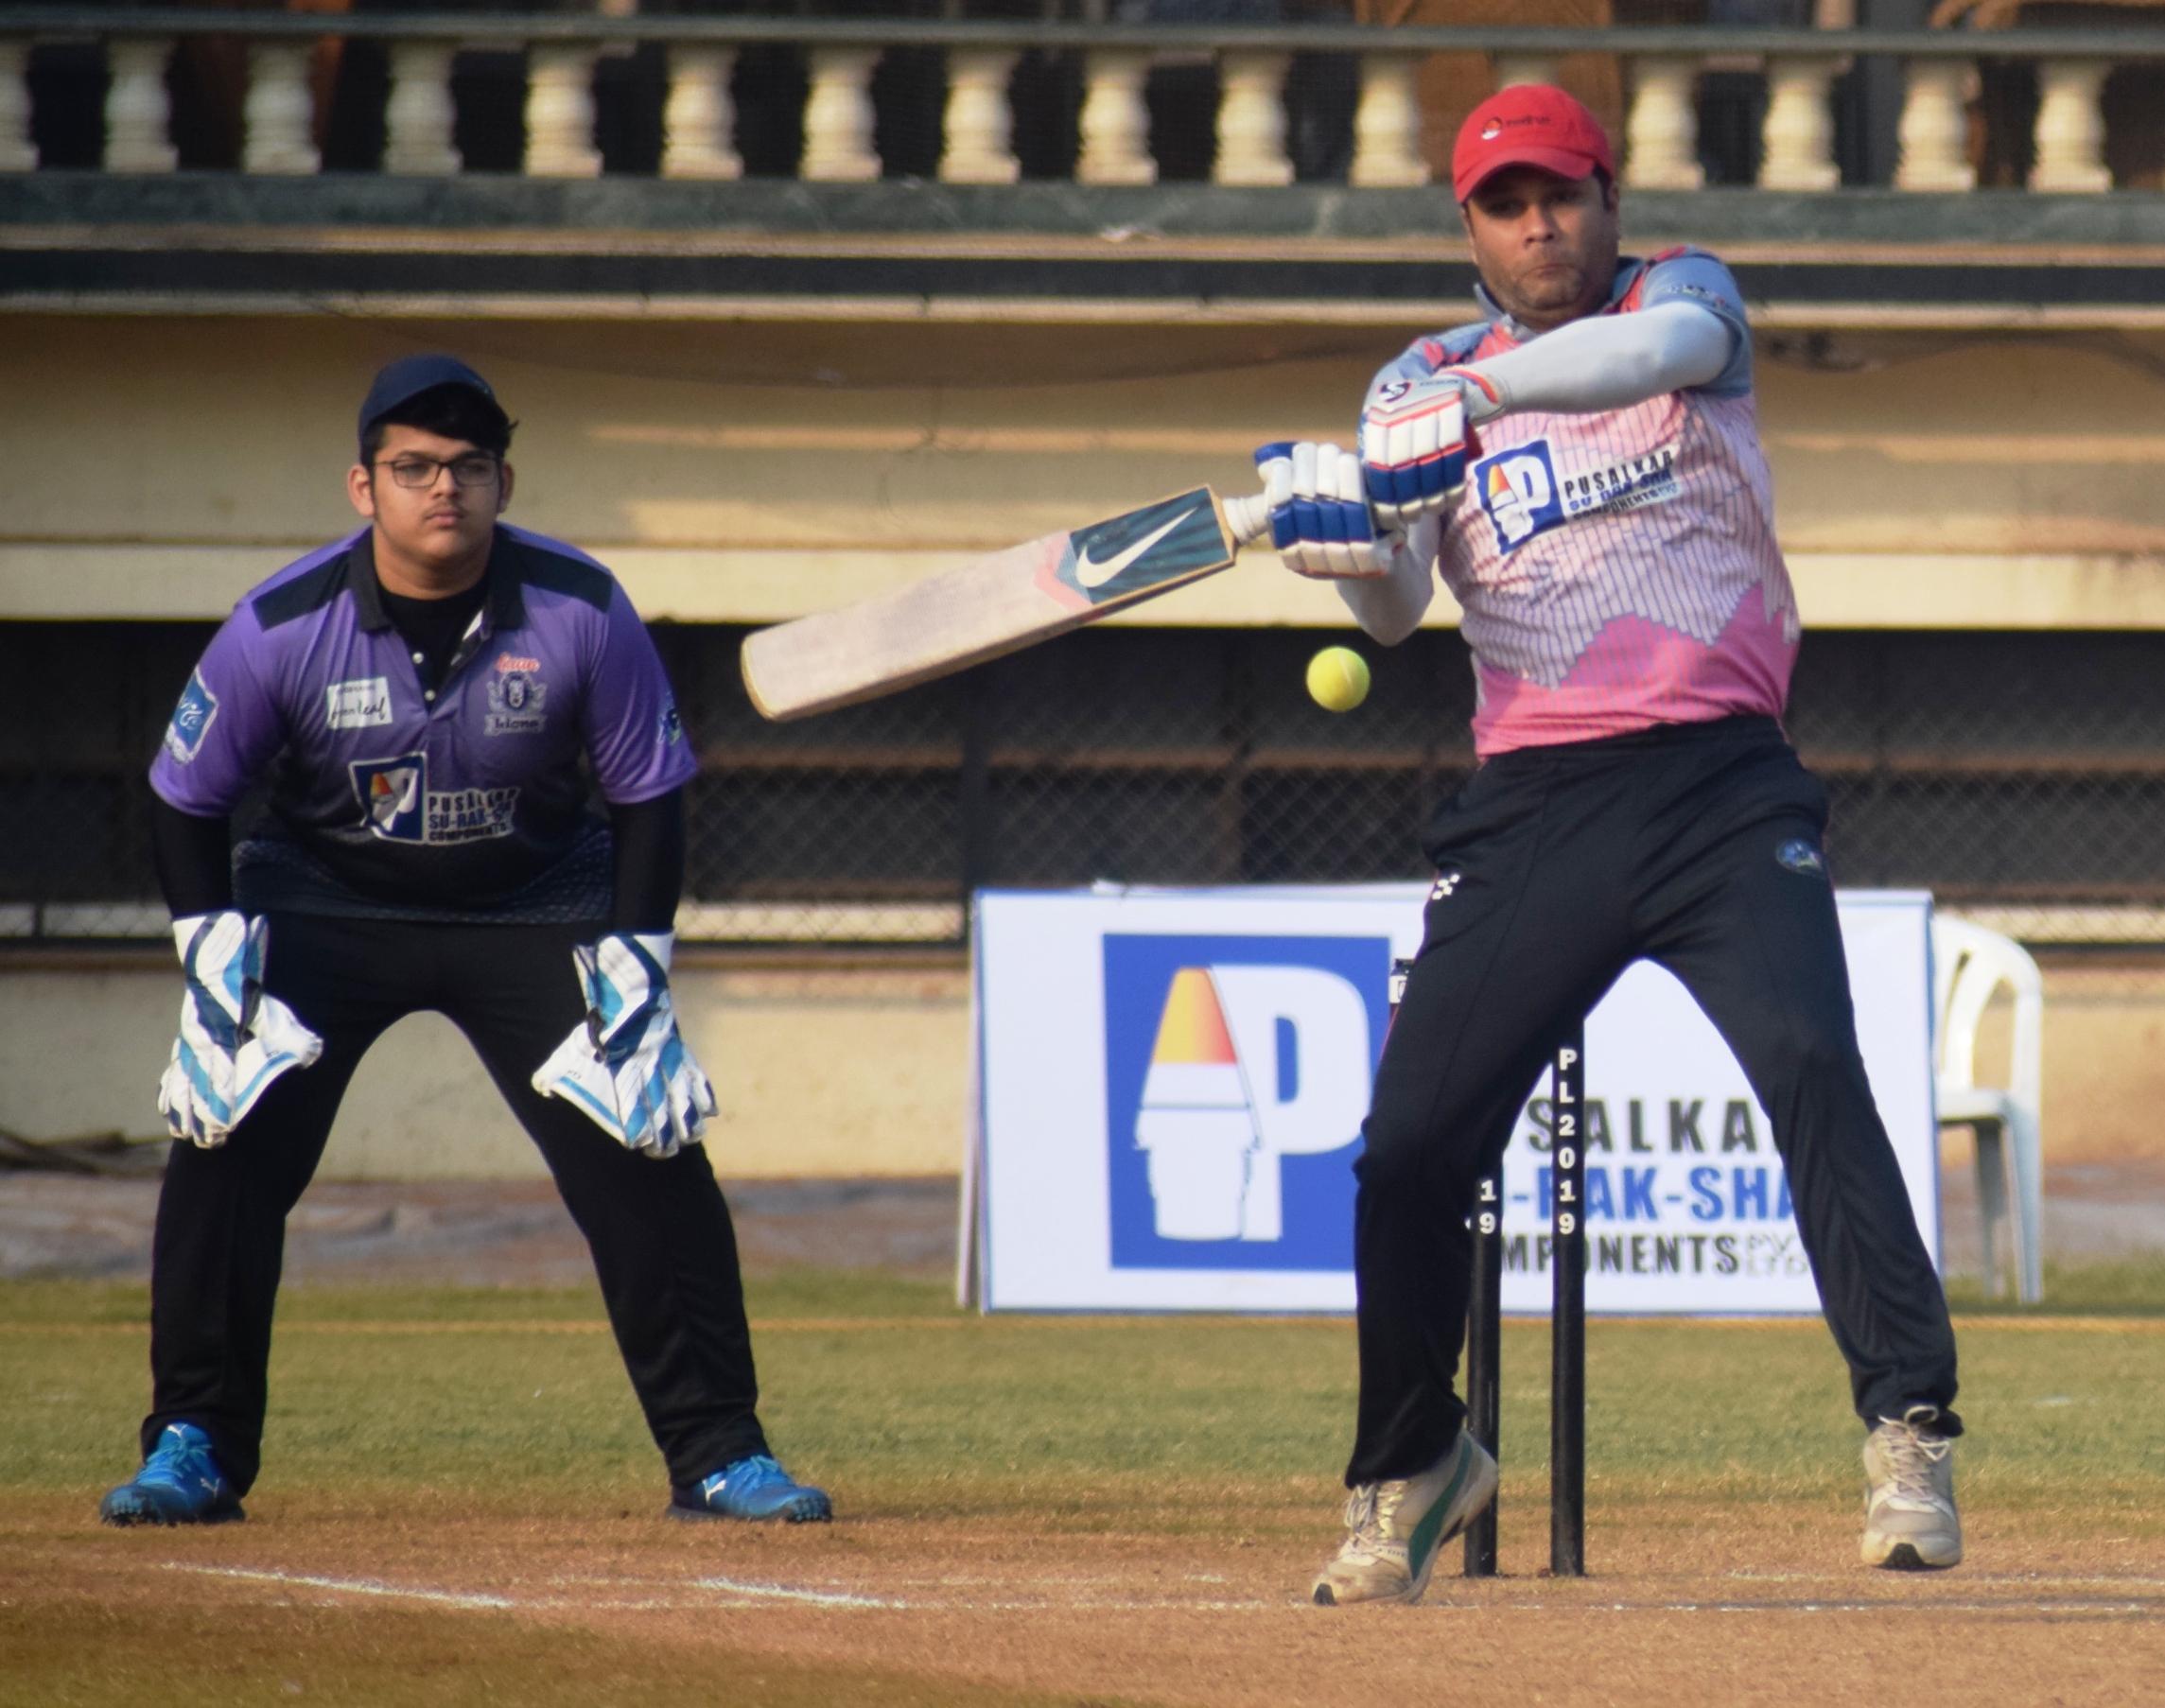 पीवायसी-पुसाळकर सु-रक-क्षा कंपोनंट्स पीवायसी प्रीमियर लीग क्रिकेट 2019 स्पर्धेत टस्कर्स, स्कॅवेंजर्स संघांचा उपांत्यपूर्व फेरीत प्रवेश